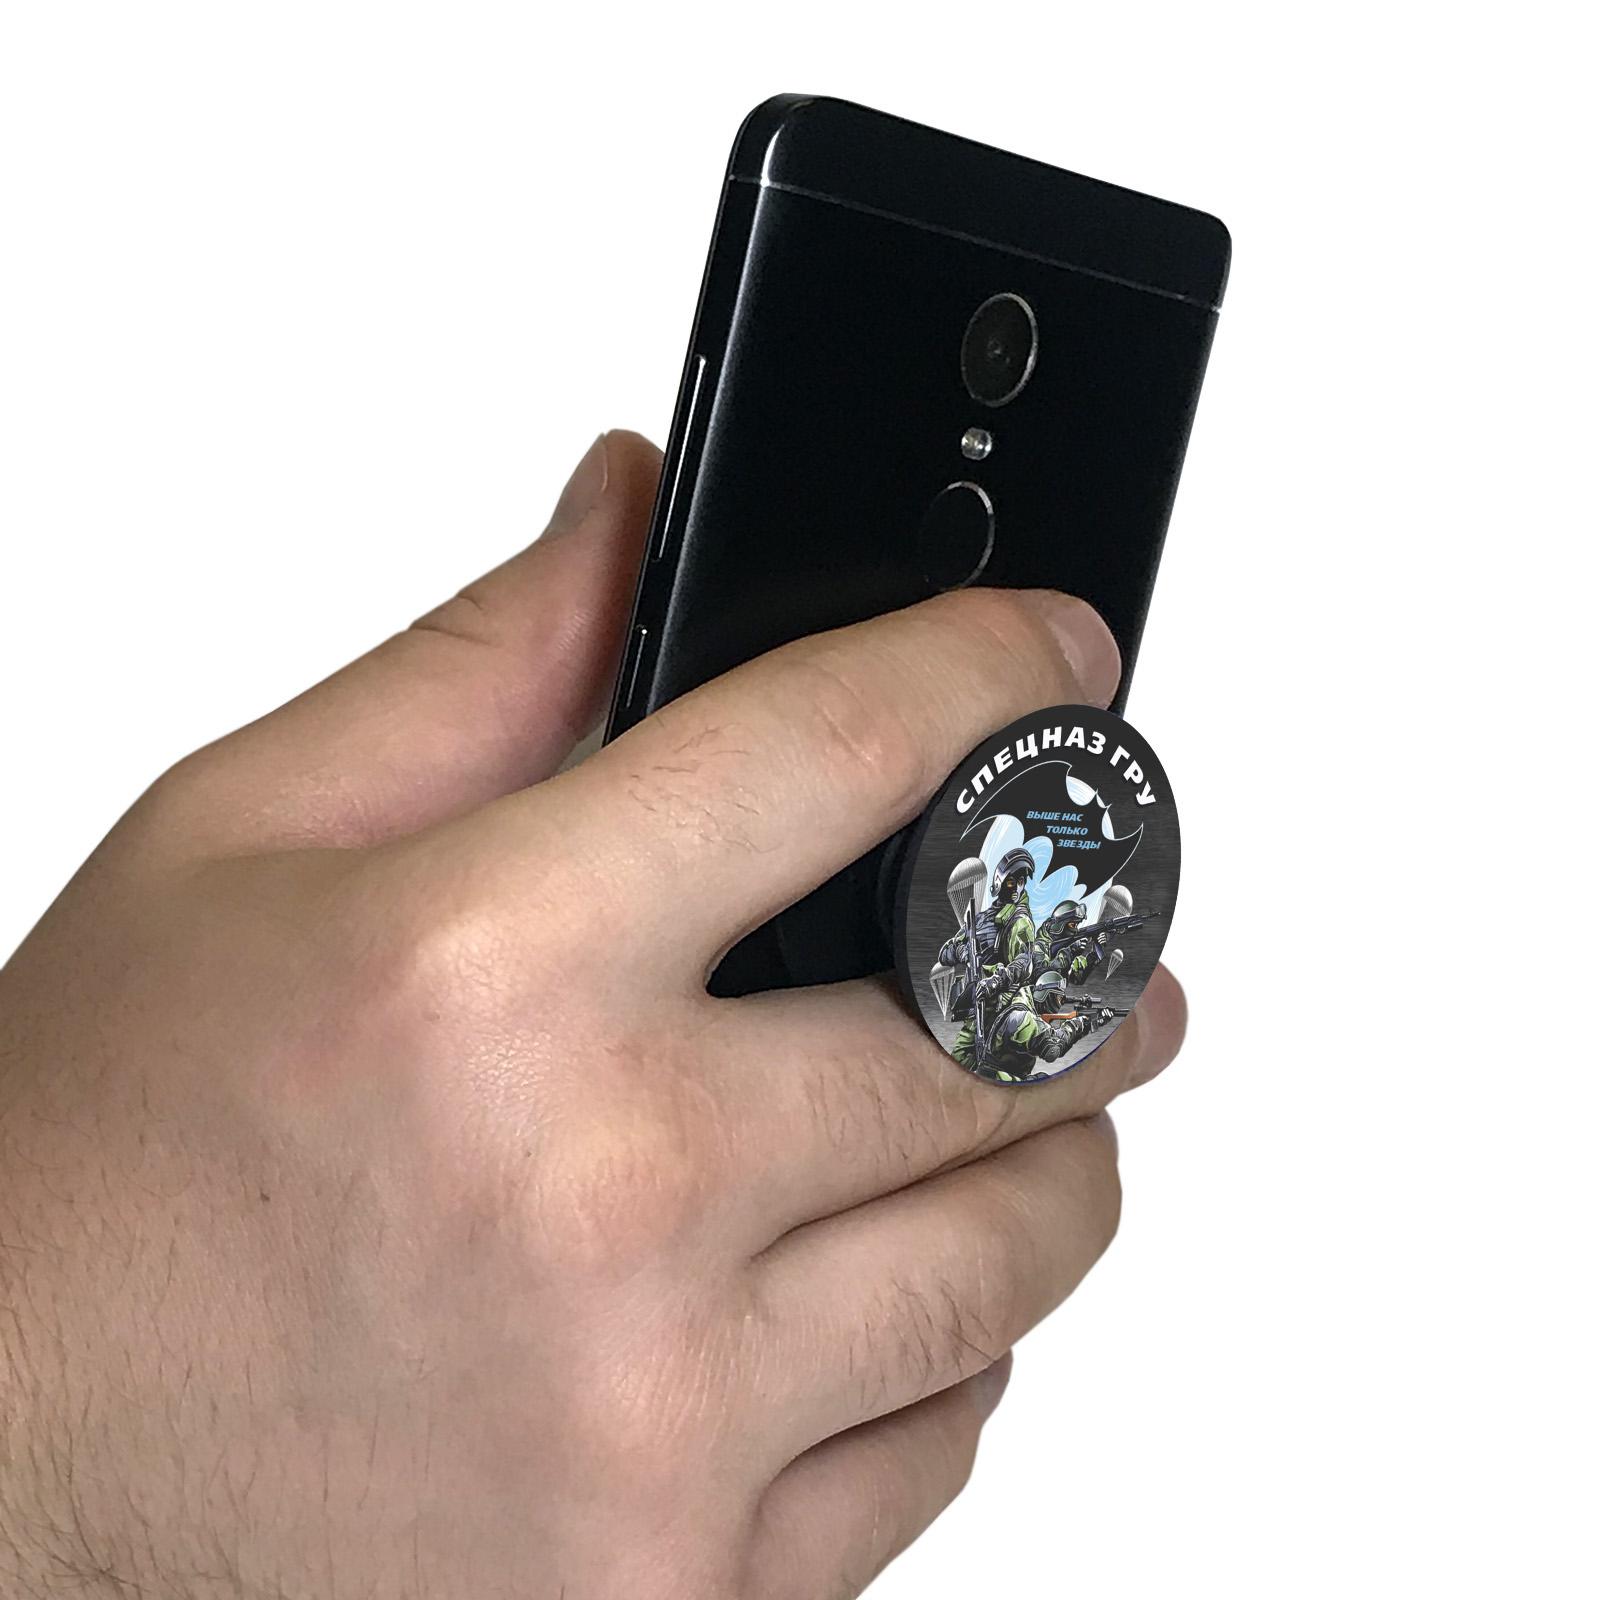 """Эргономичный держатель для телефона """"Спецназ ГРУ"""" по выгодной цене"""